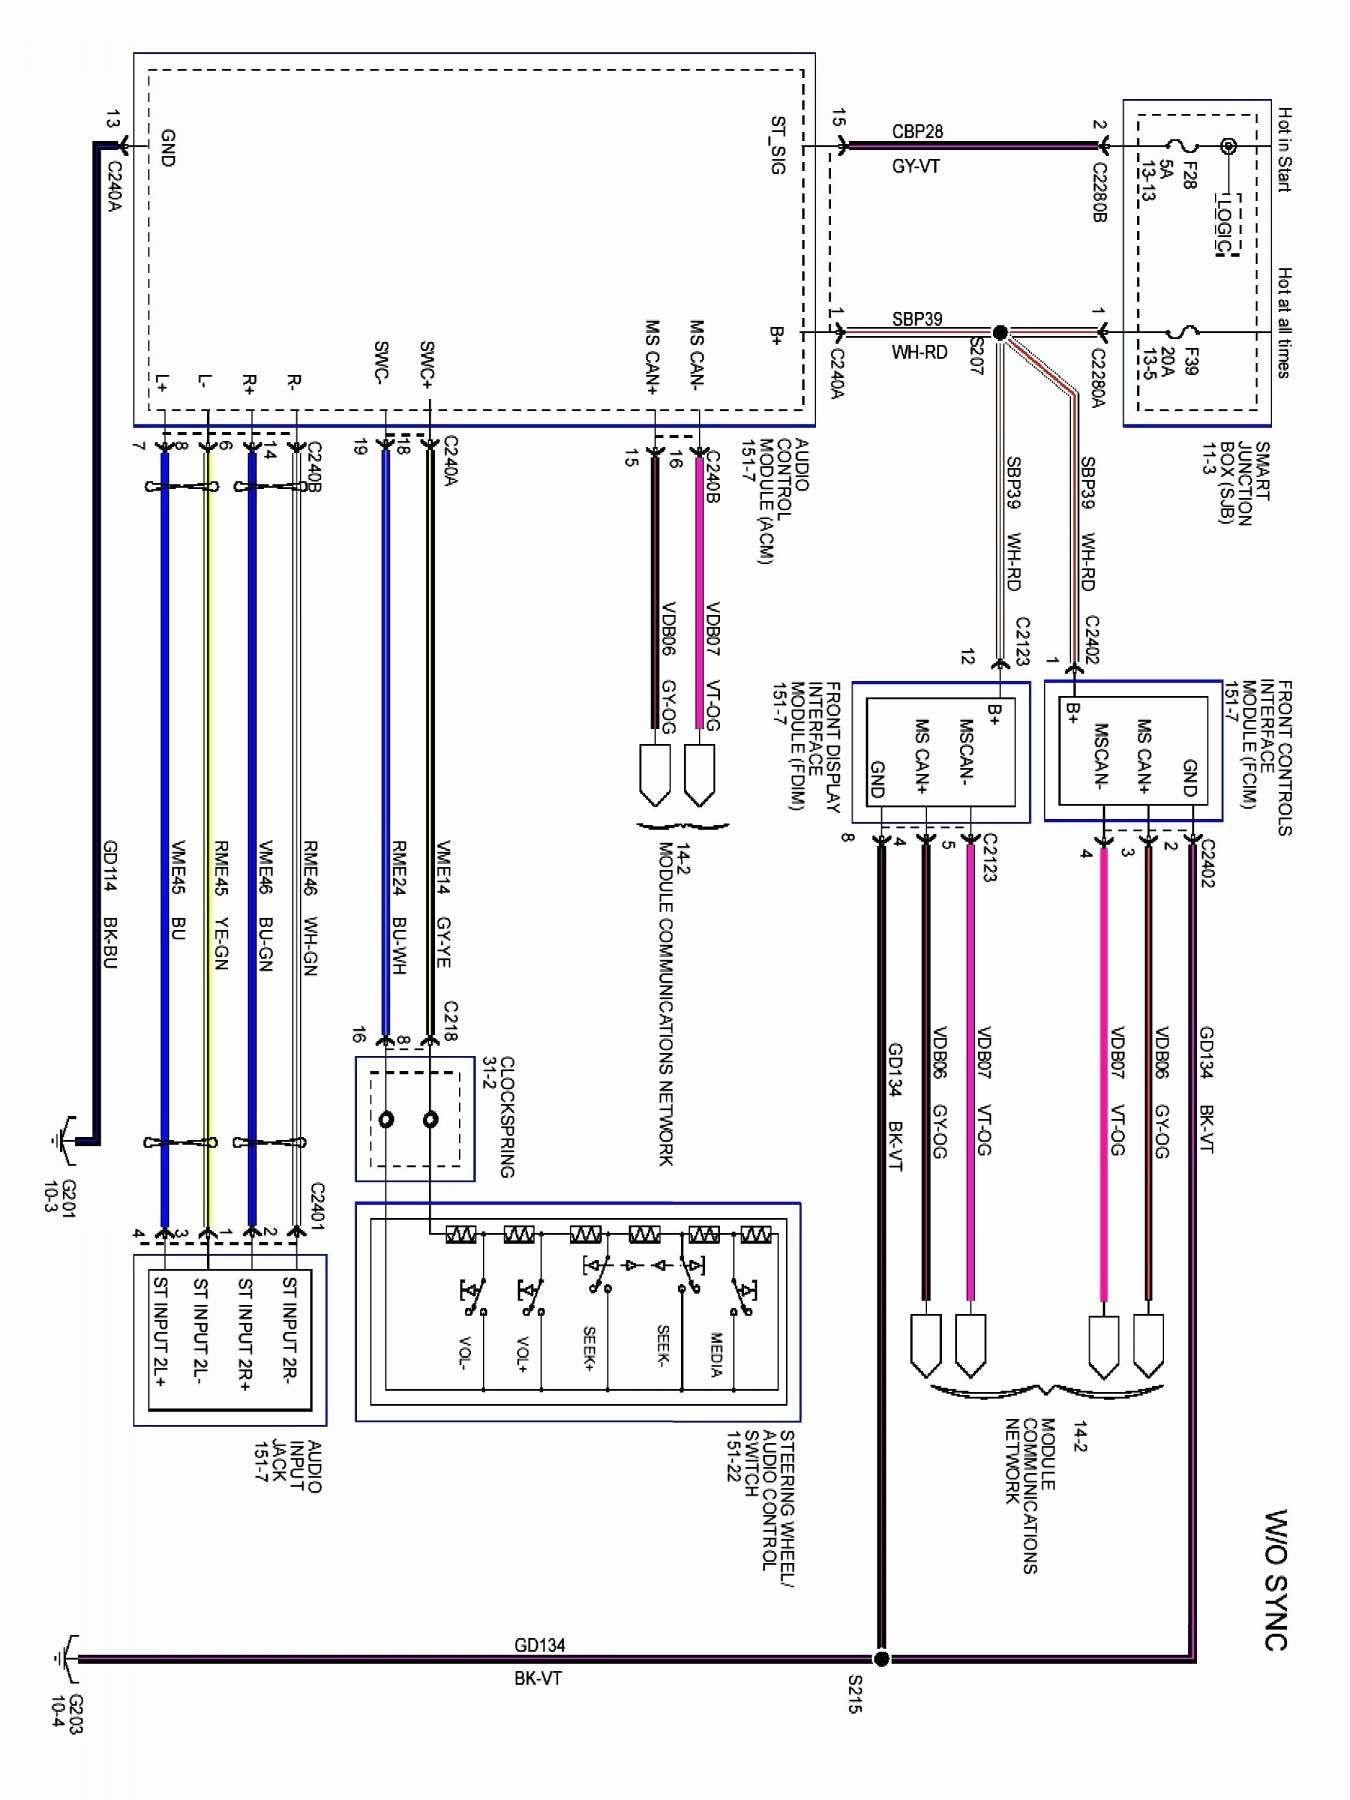 Bruno Seat Wiring Diagram